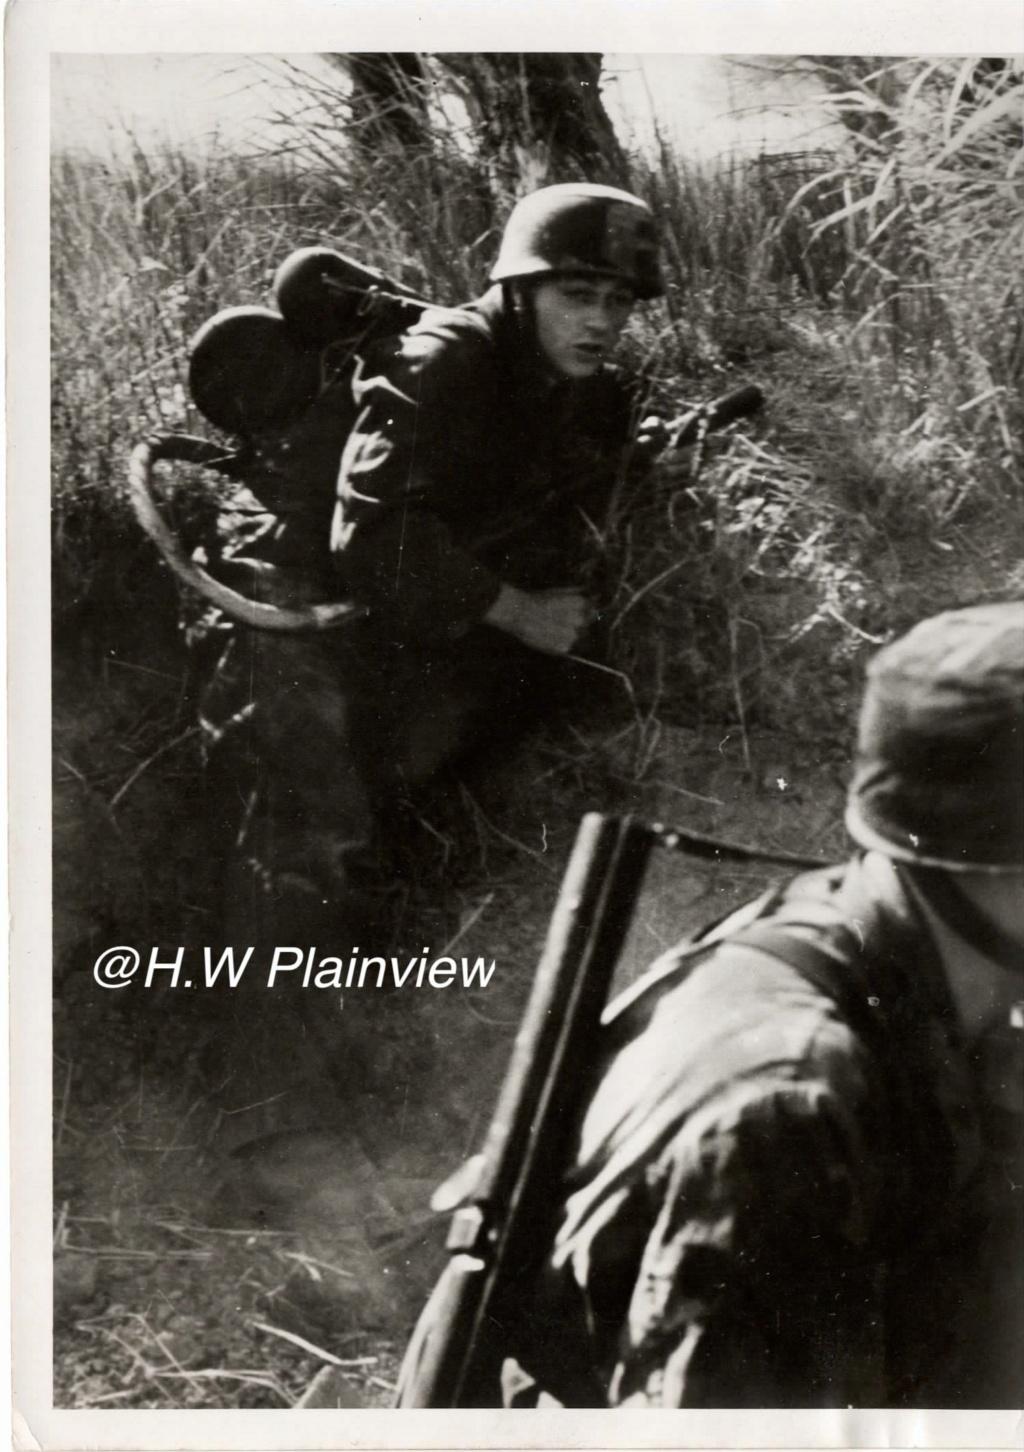 Enorme lot de Photos de Presses  US / Canada/ UK en Europe et Asie 1944/45 !!! Fj_fla10